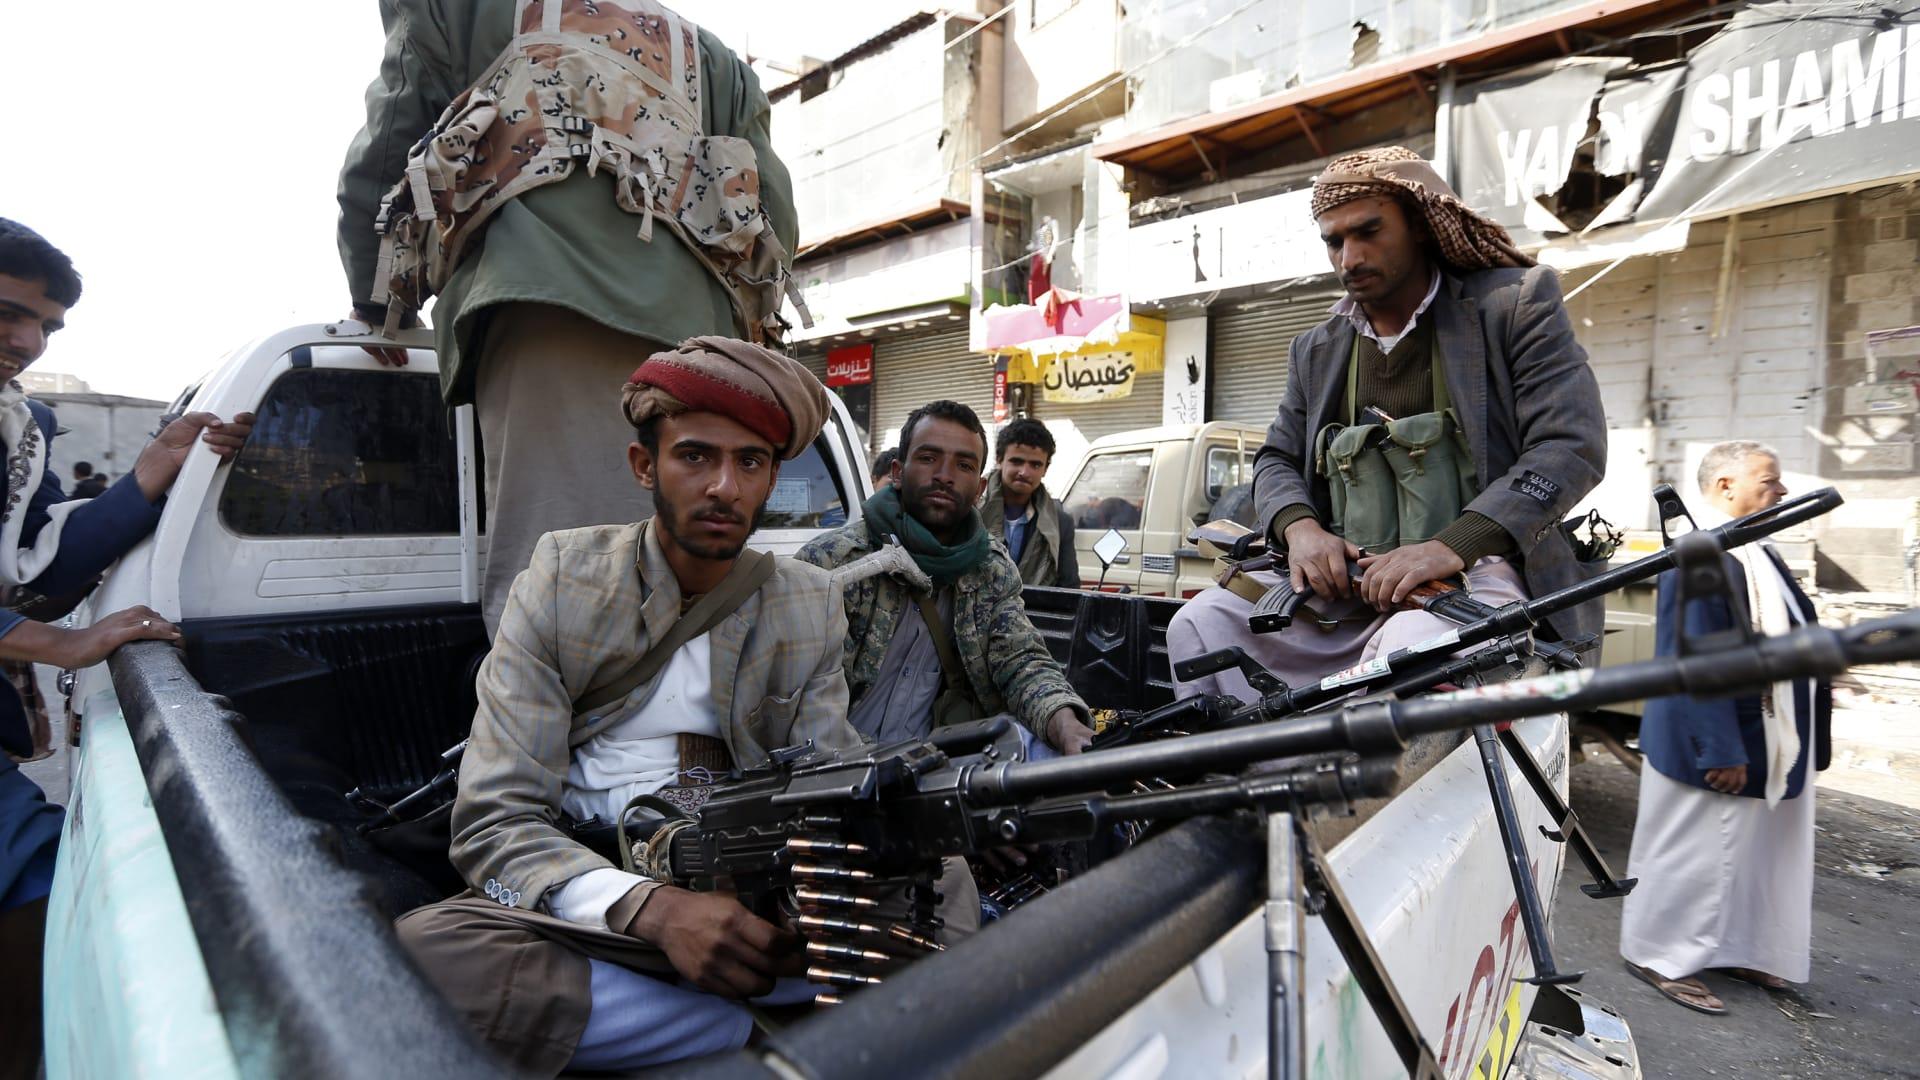 وزير يمني: ألف قتيل على يد الحوثي وصنعاء مدينة رعب